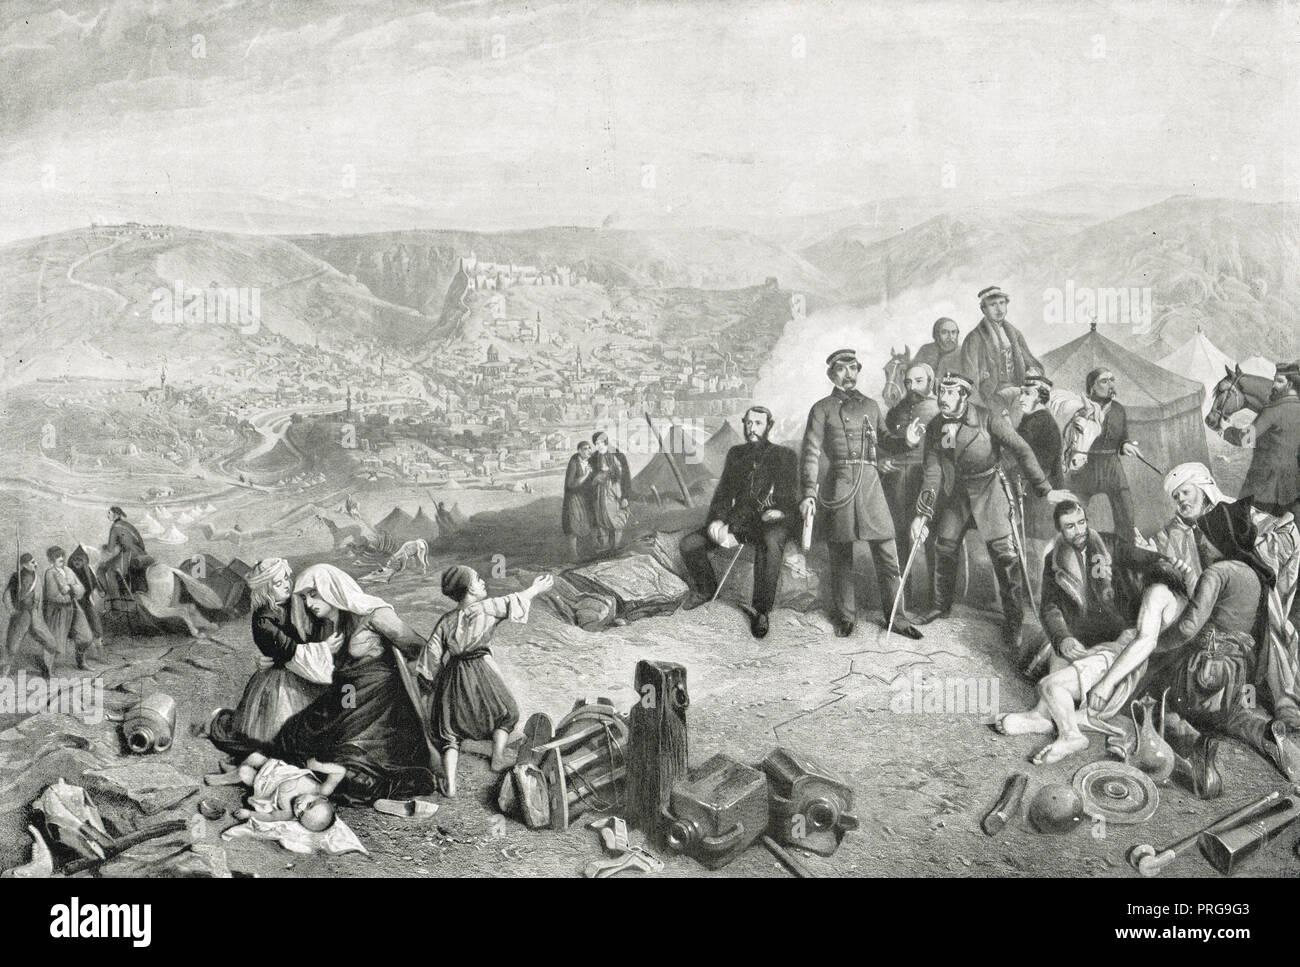 La difesa di Kars, Giugno - Novembre 1855, durante la guerra in Crimea Foto Stock